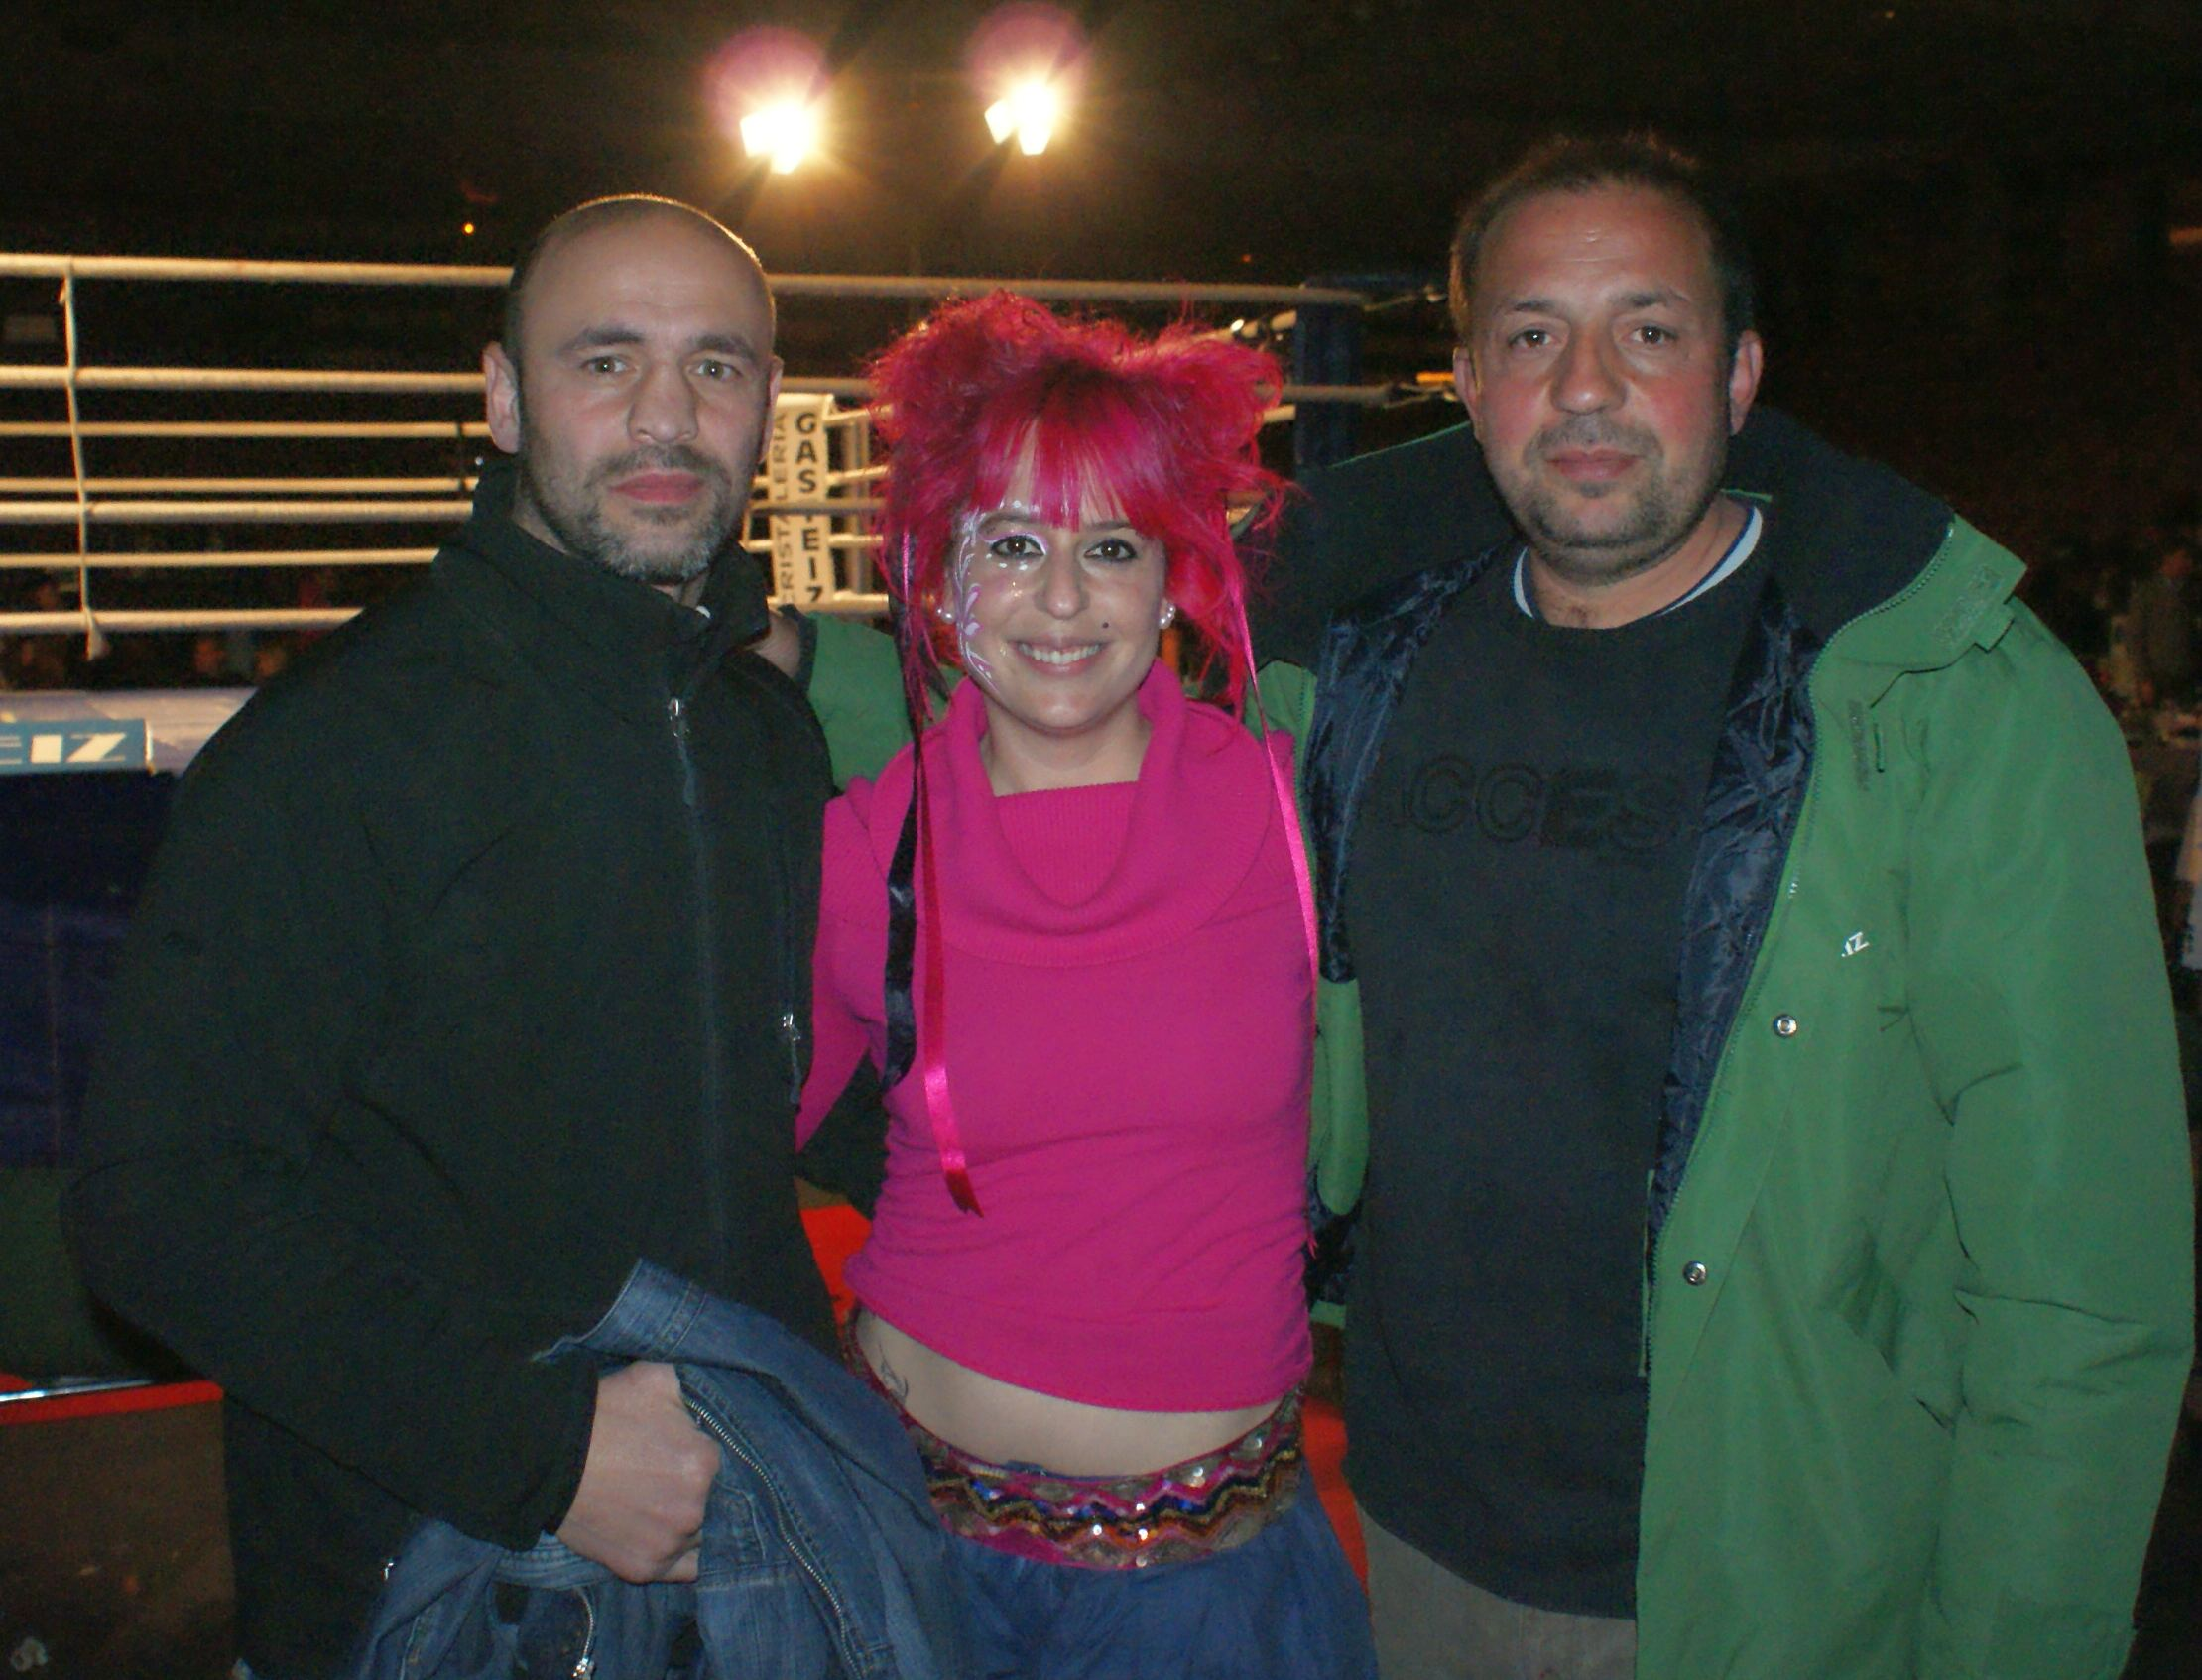 José Molinillo y Gabarry, boxeo en Vitoria Gasteiz